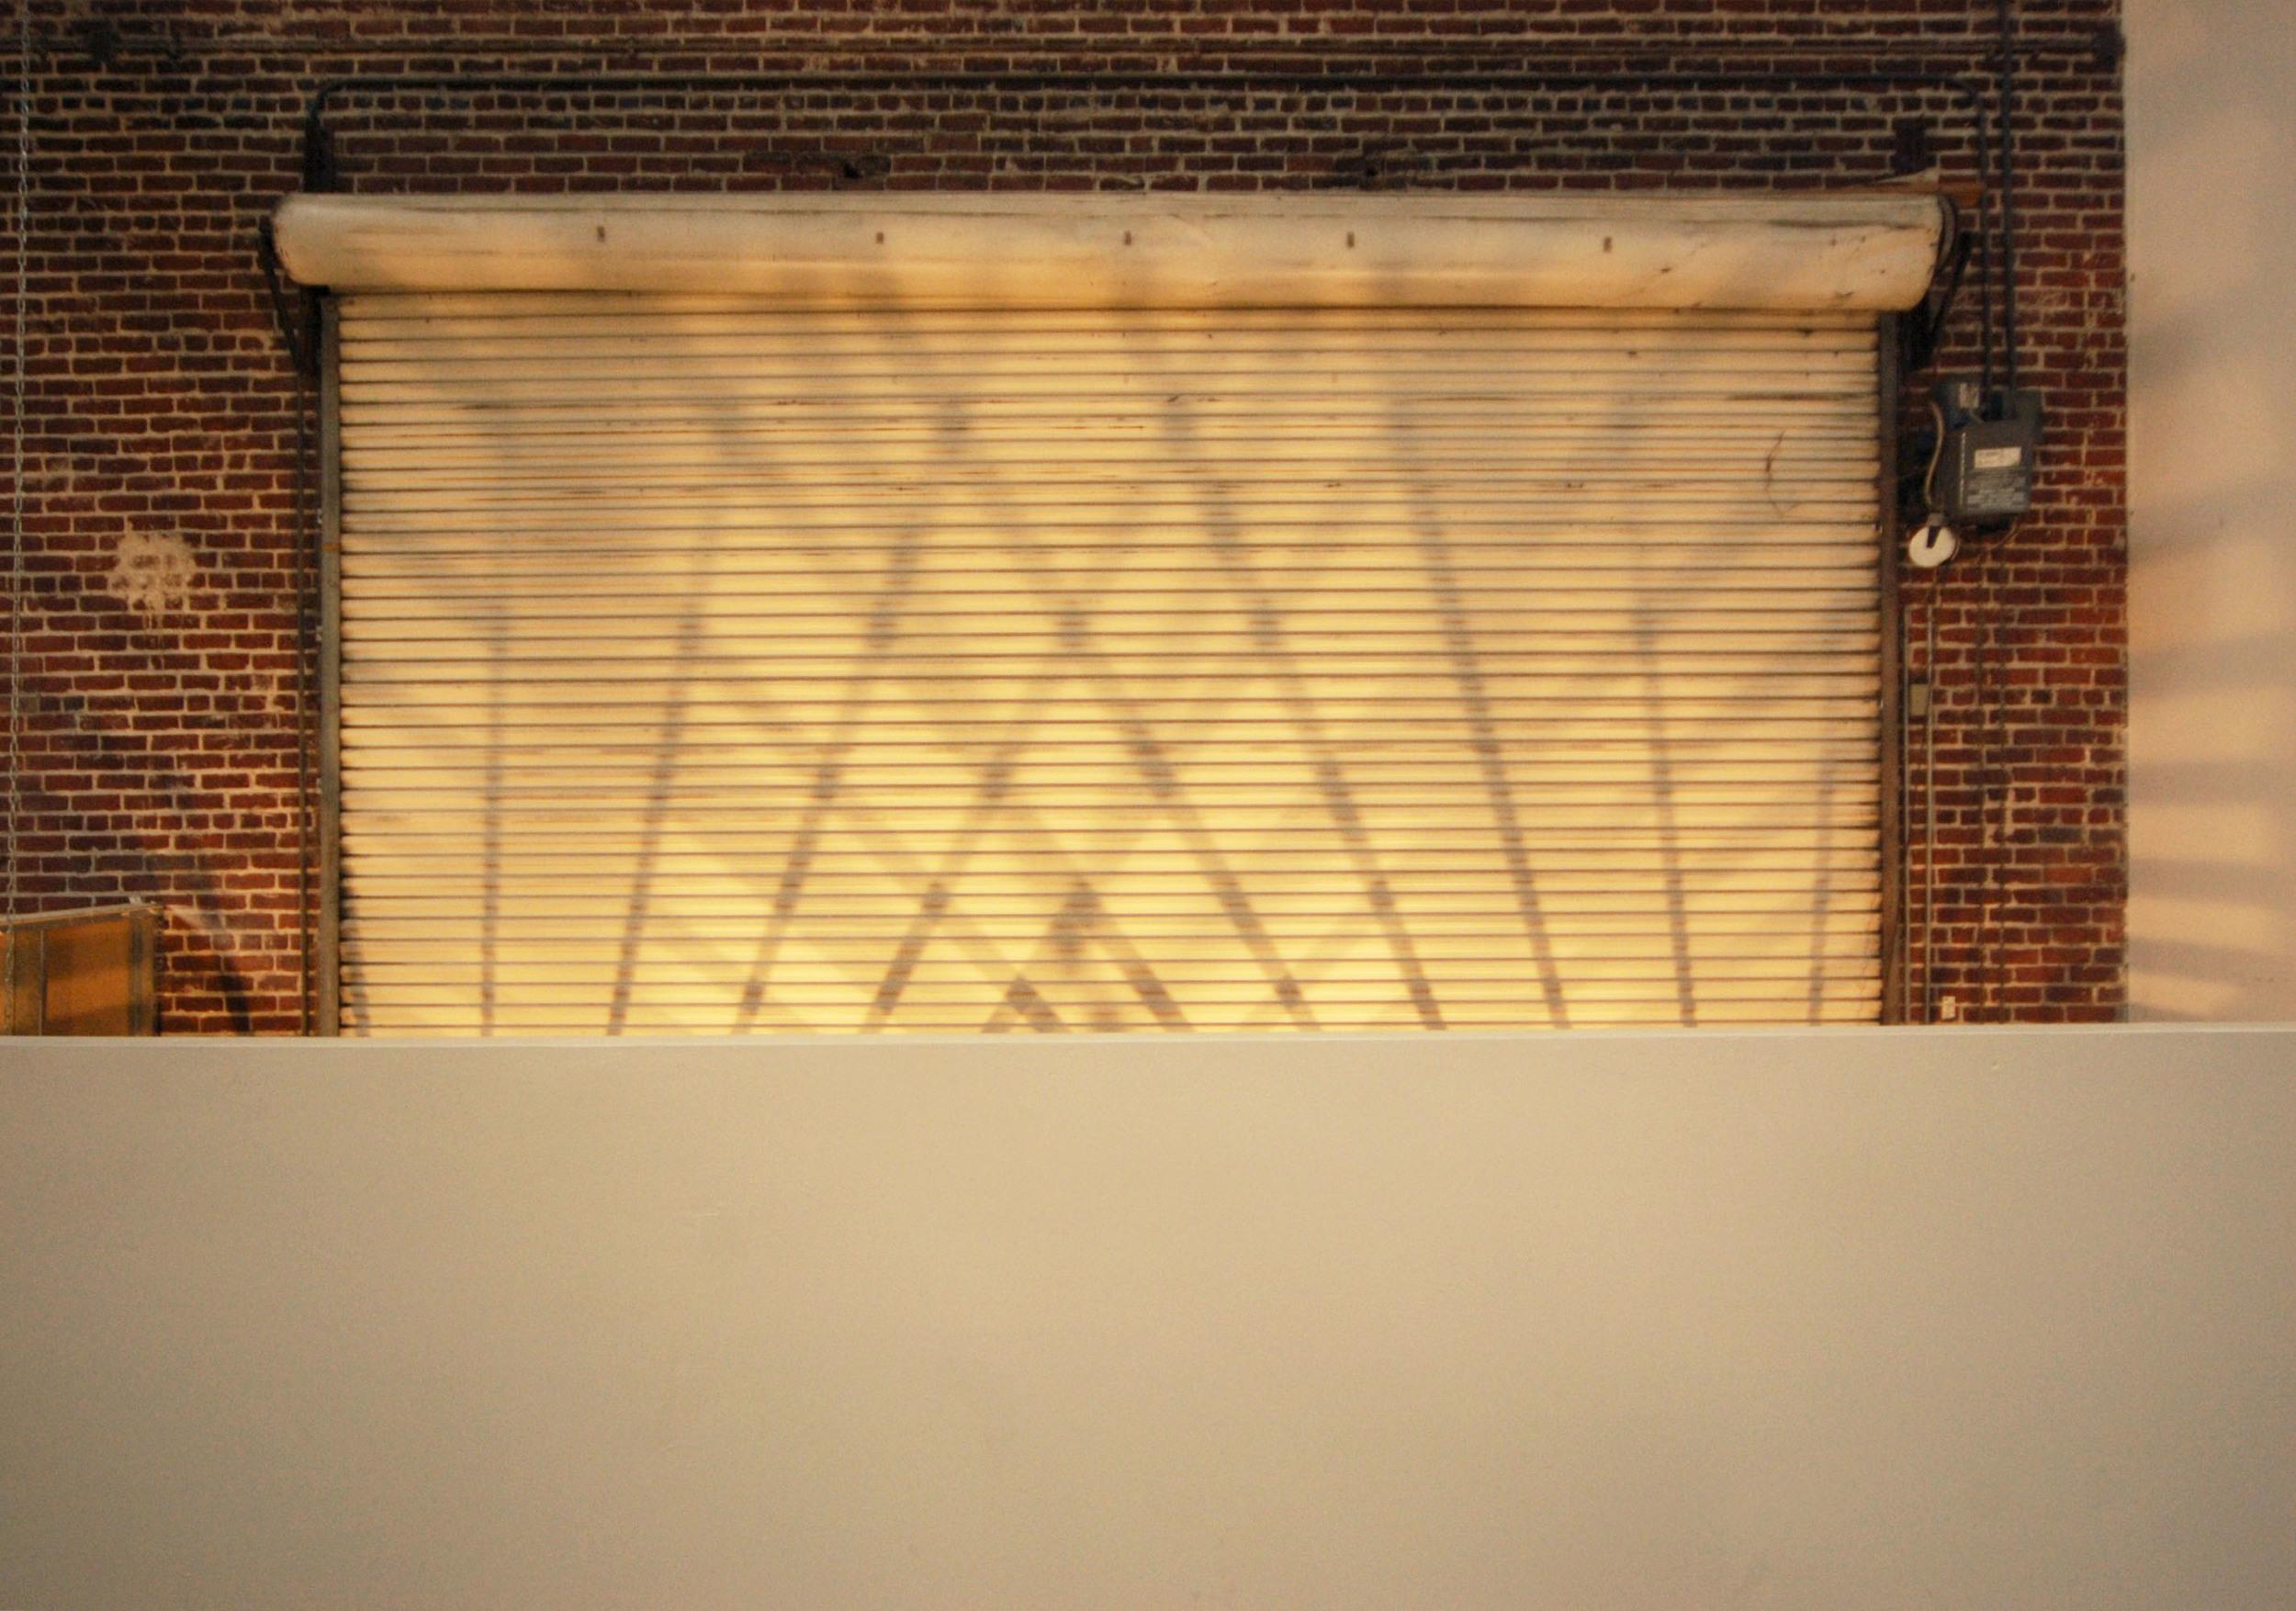 Ground (door)